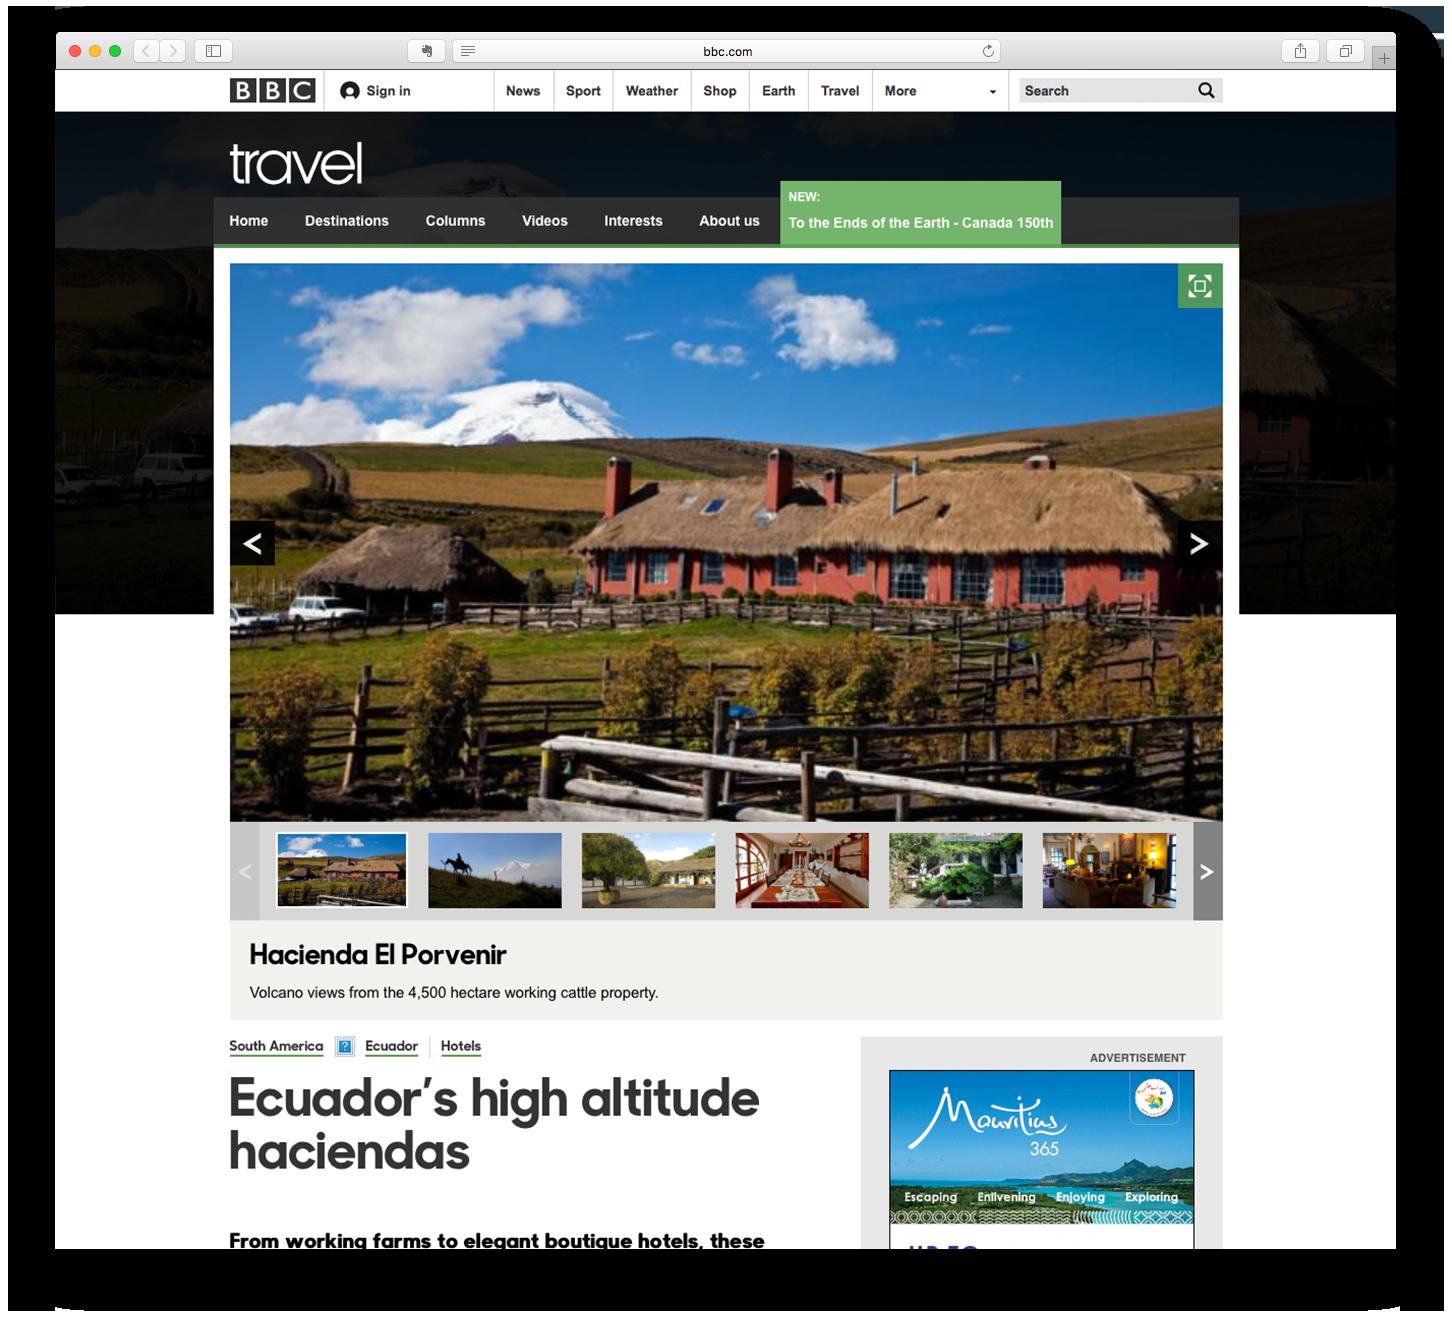 Ecuador's high altitude haciendas